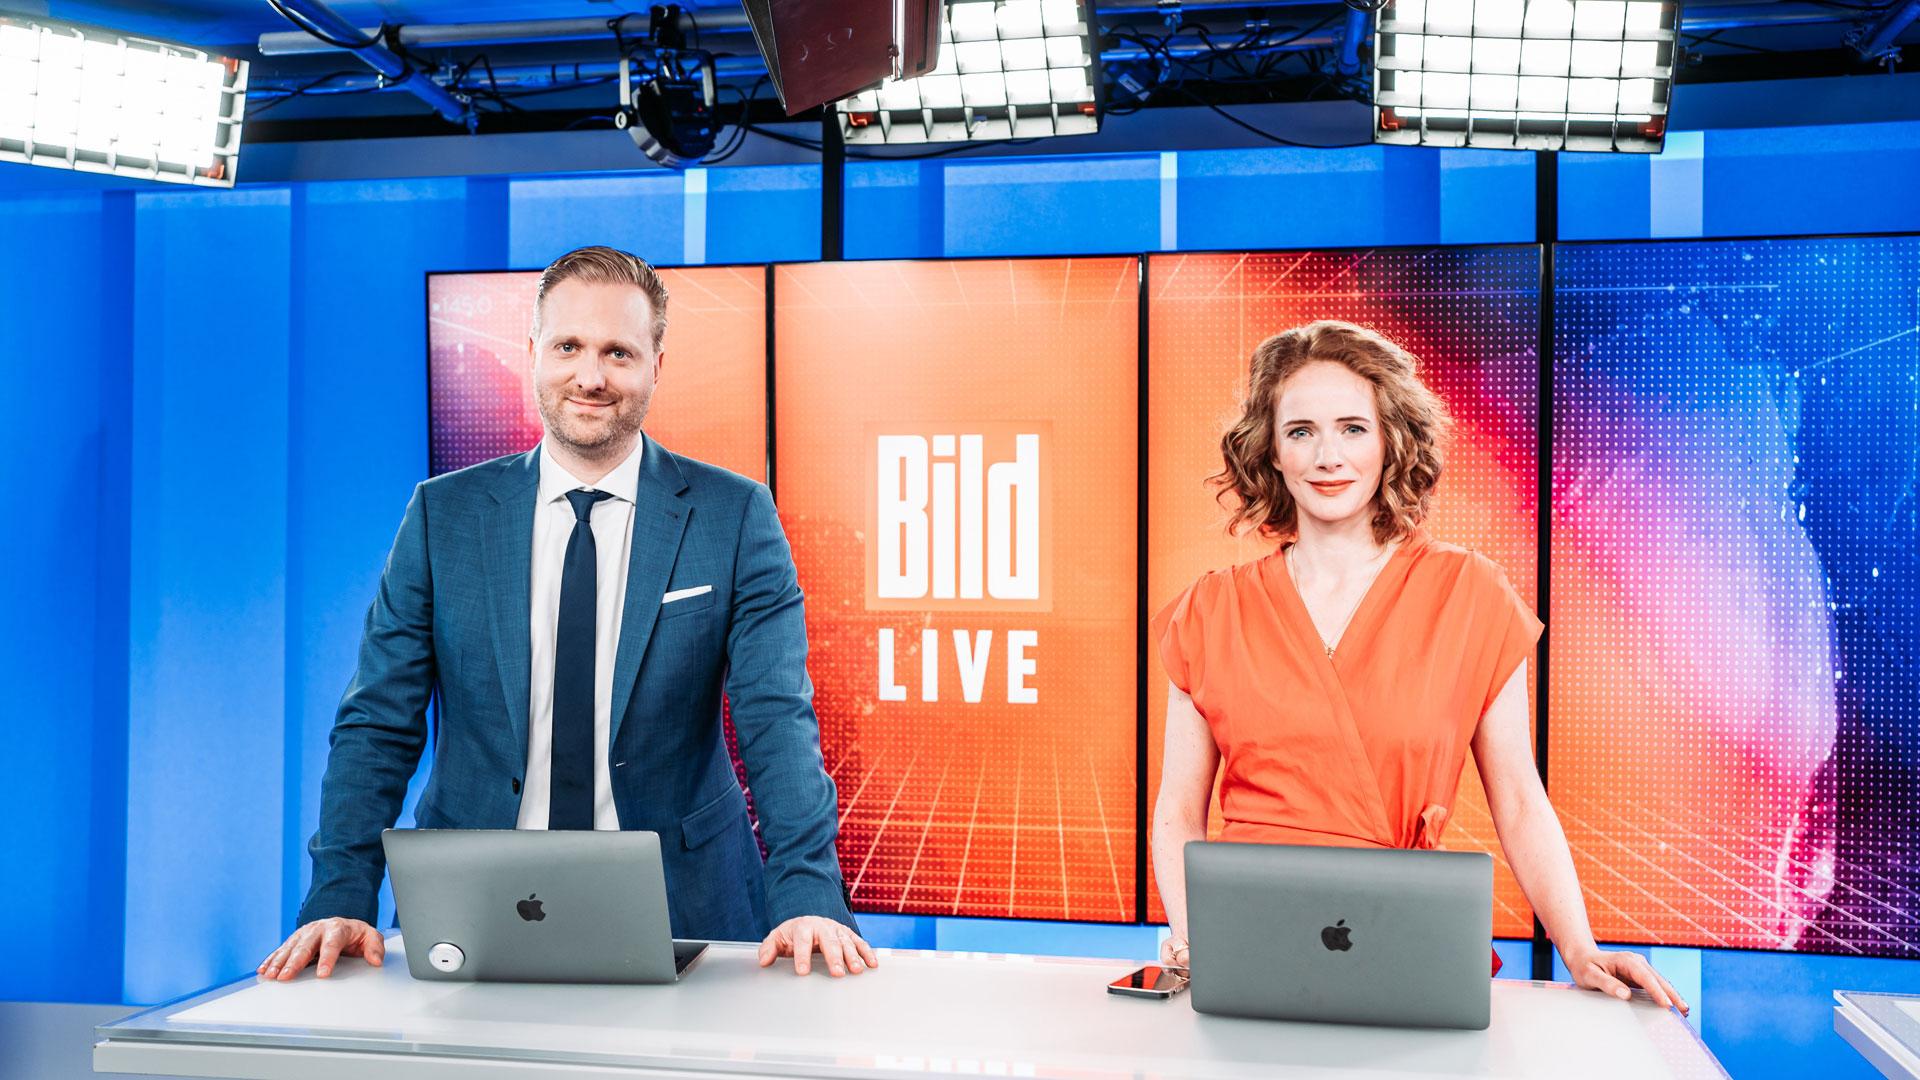 Das Team von BILD LIVE: Moderatorin Patricia Platiel und Moderator Kai Weise im Studio